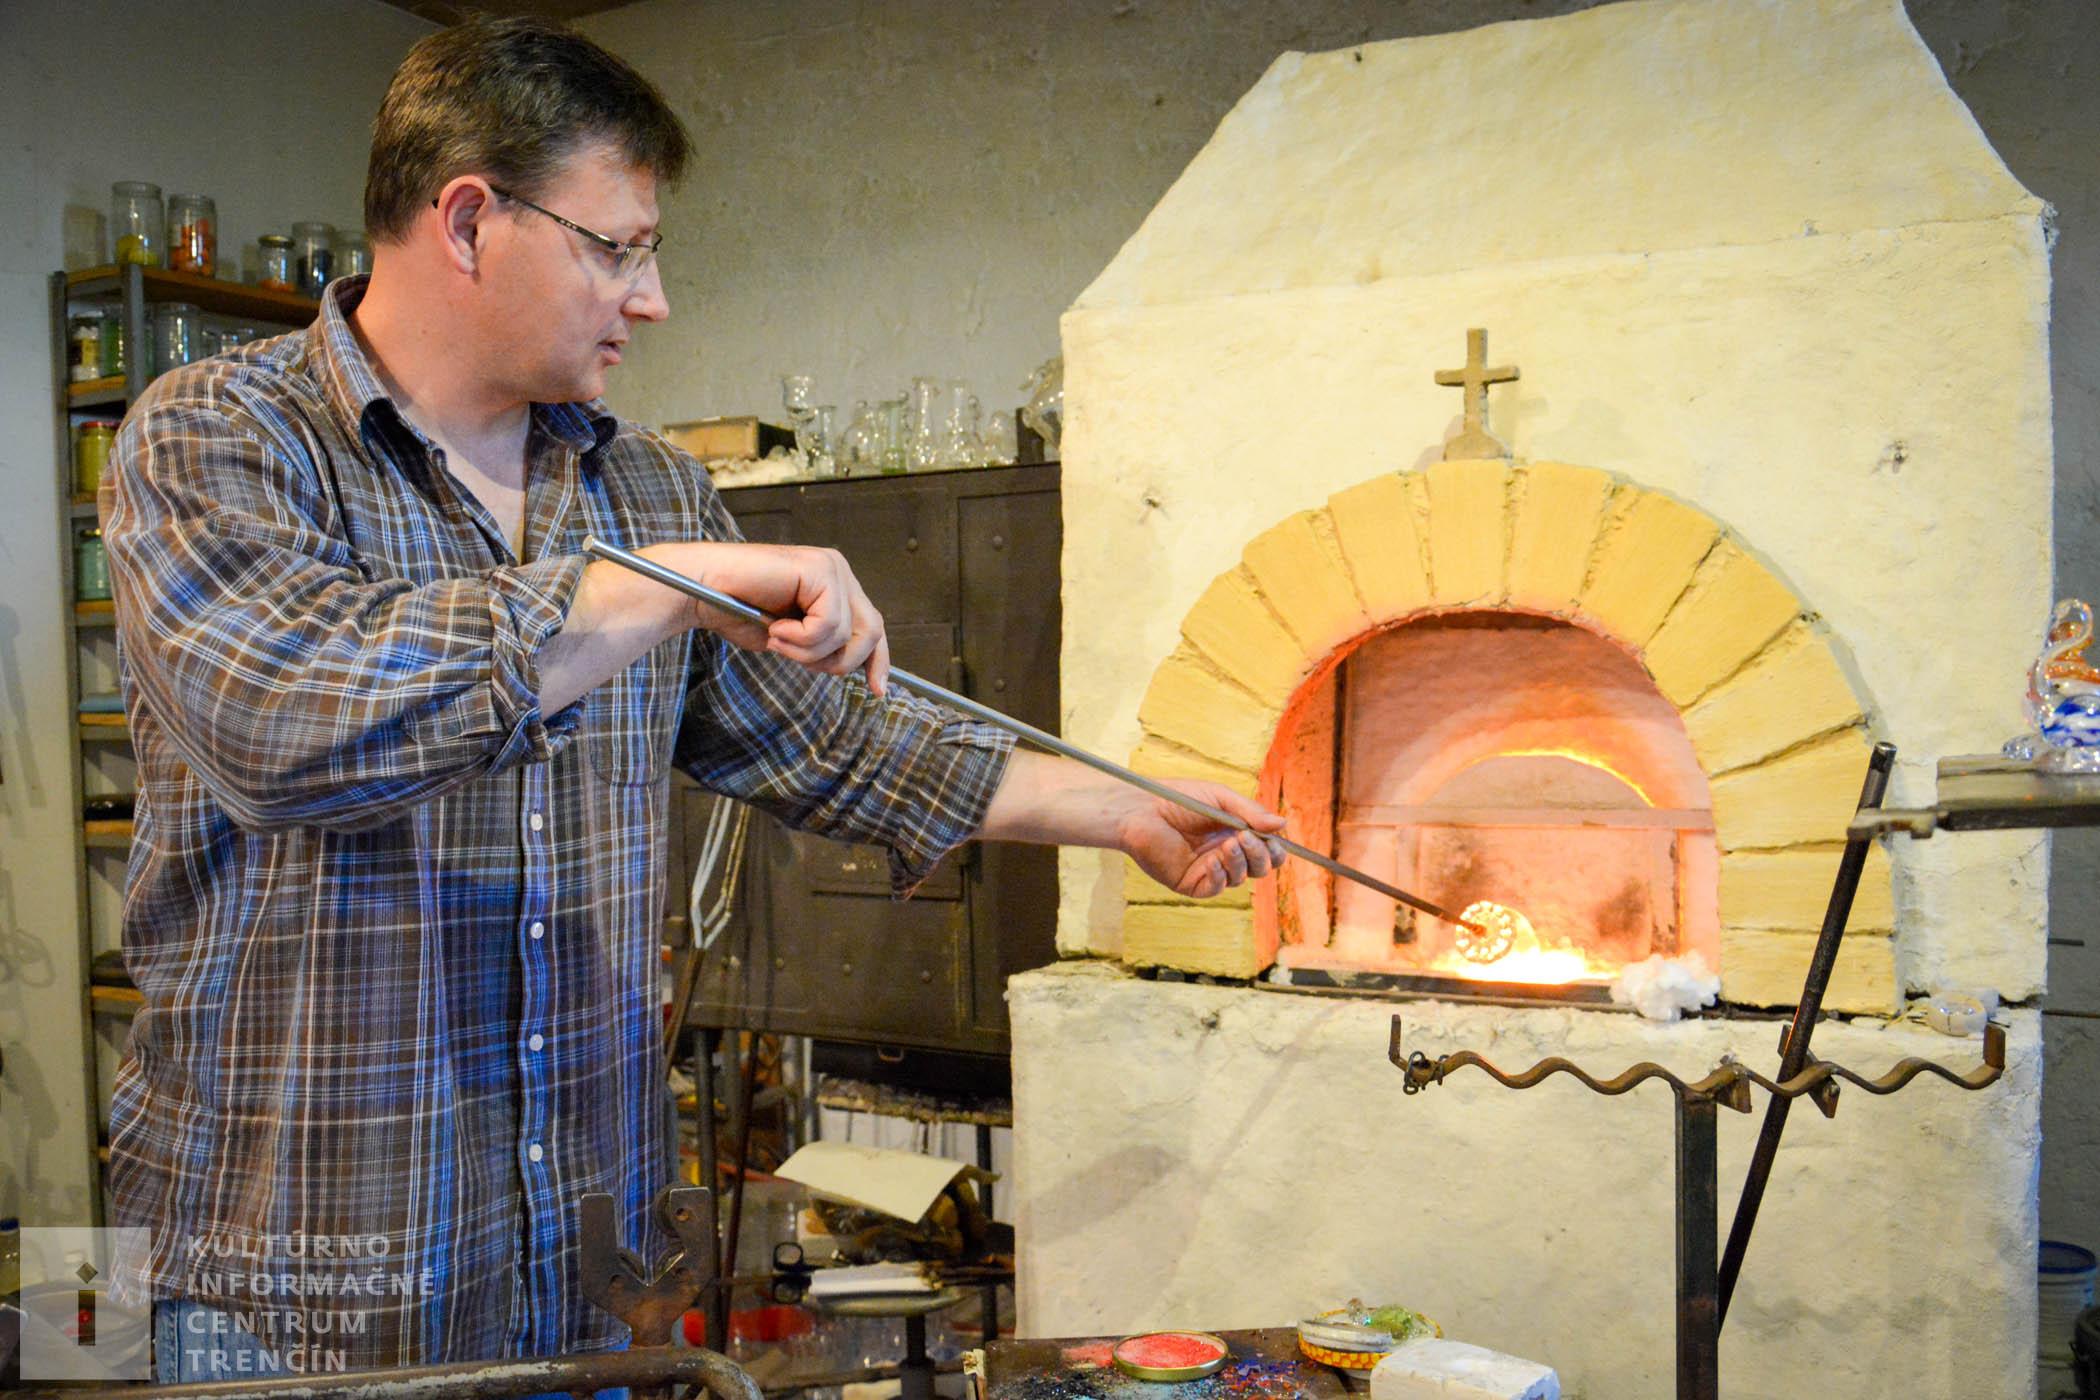 Pri práci so sklom hrá dôležitú úlohu čas. Najskôr je ho treba veľa – keďže zapálenie, temperácia pece a následne roztavenie skla trvá asi 24 hodín. Avšak na samotné tvarovanie skla má remeselník iba niekoľko sekúnd, pretože veľmi rýchlo tvrdne.